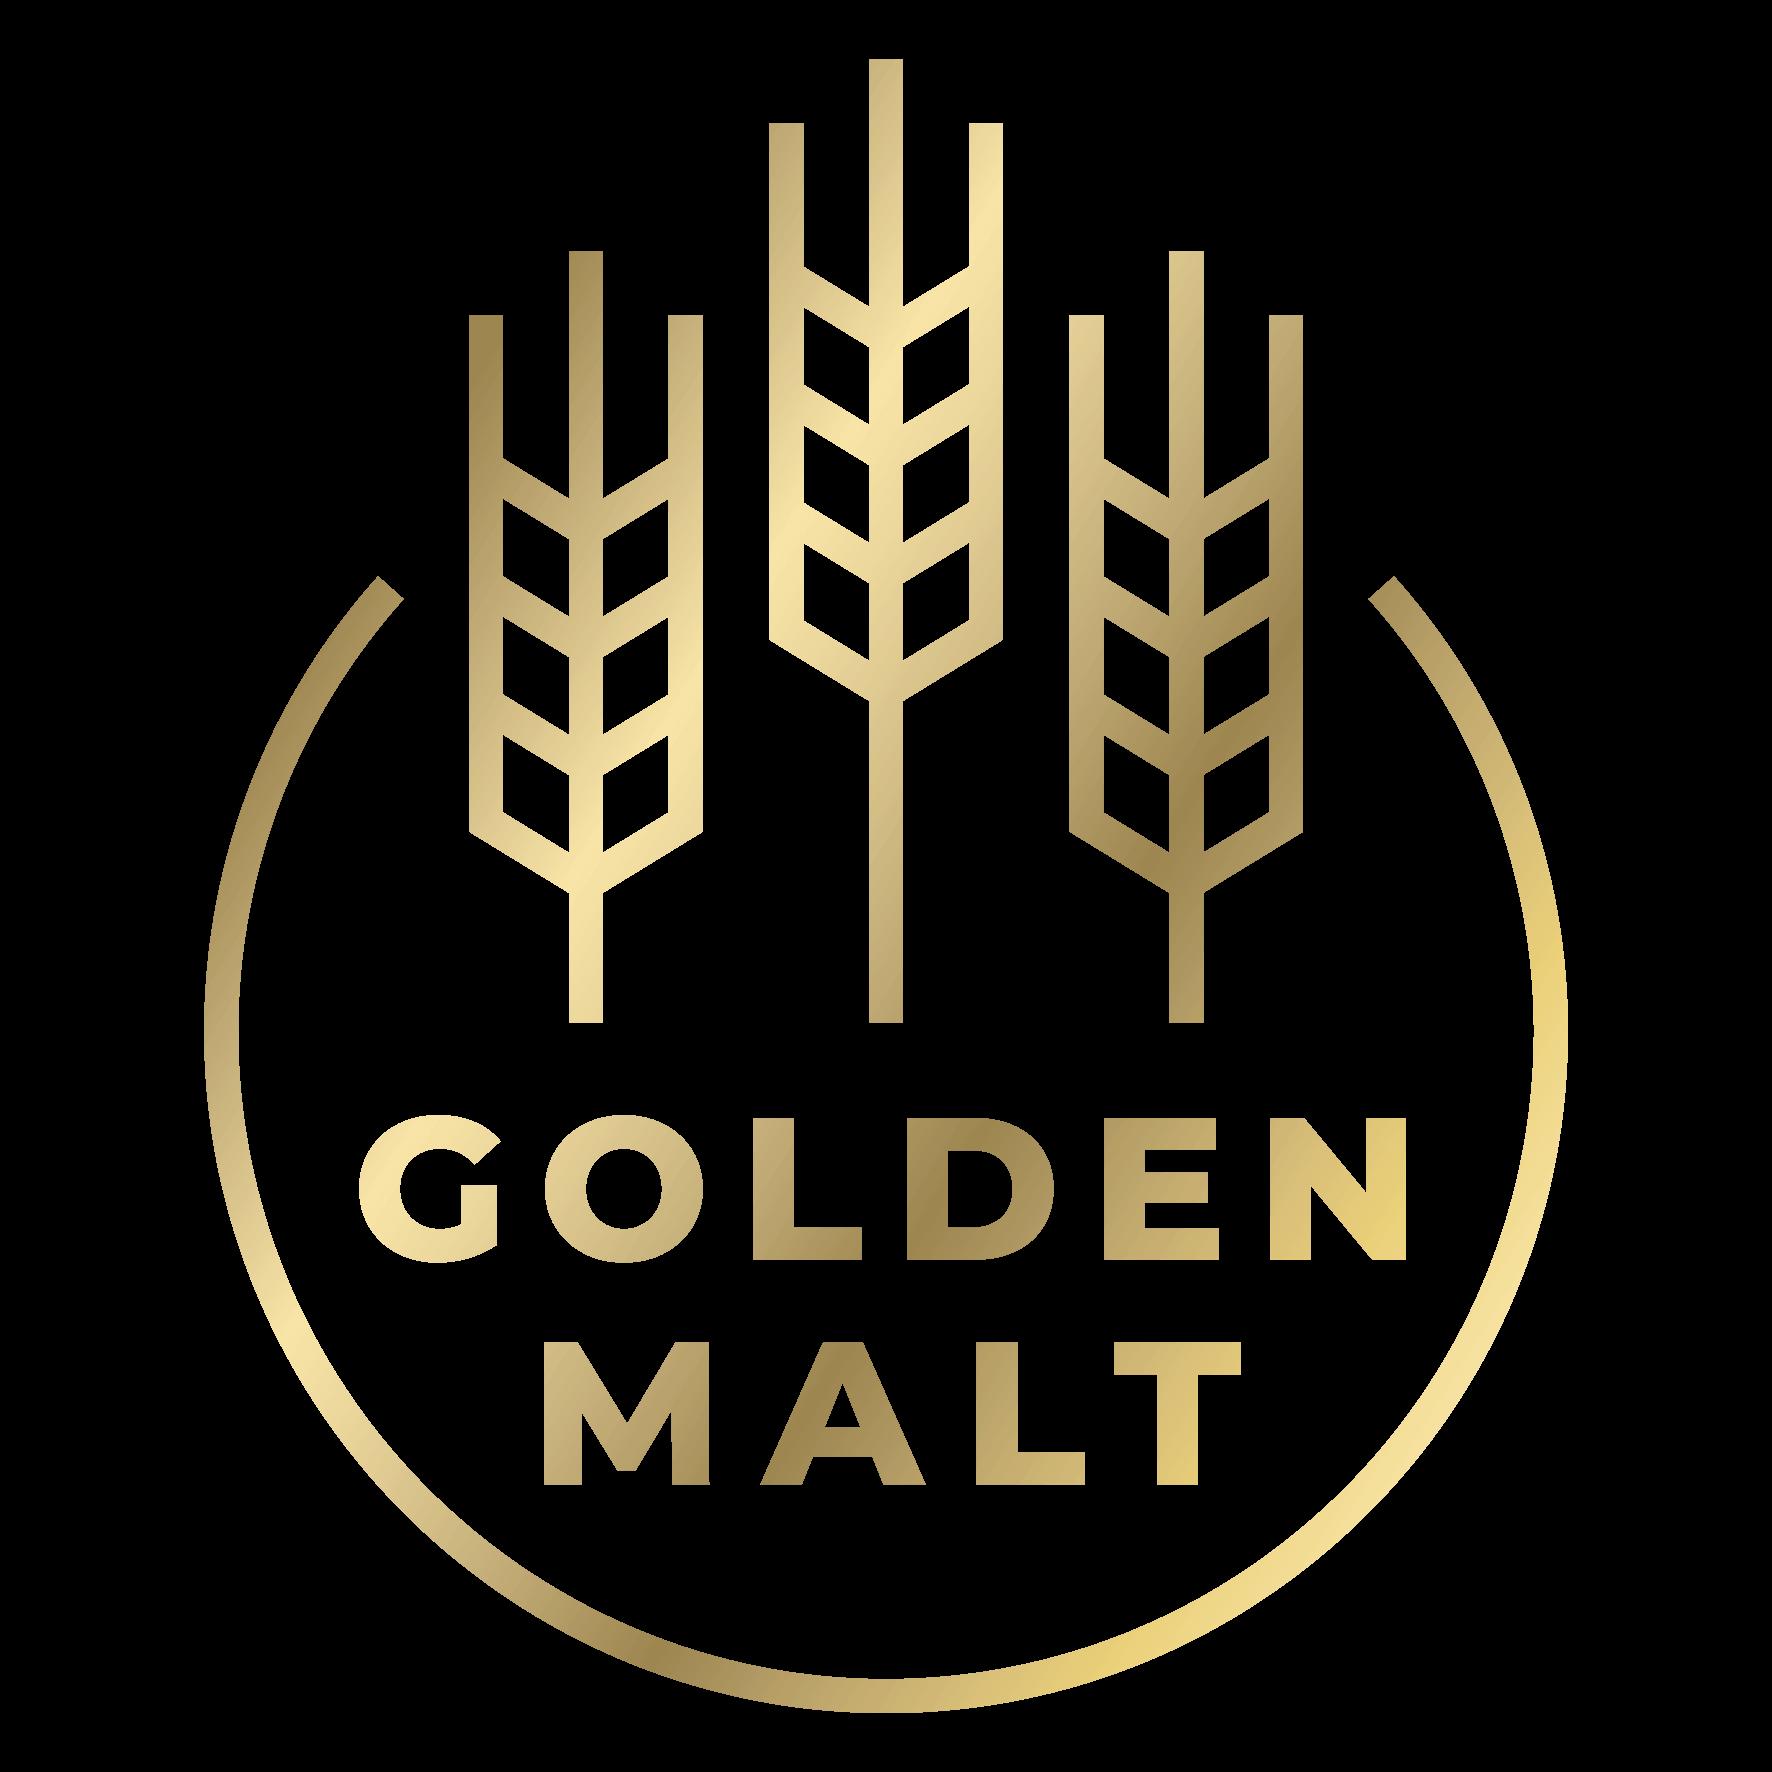 Golden Malt